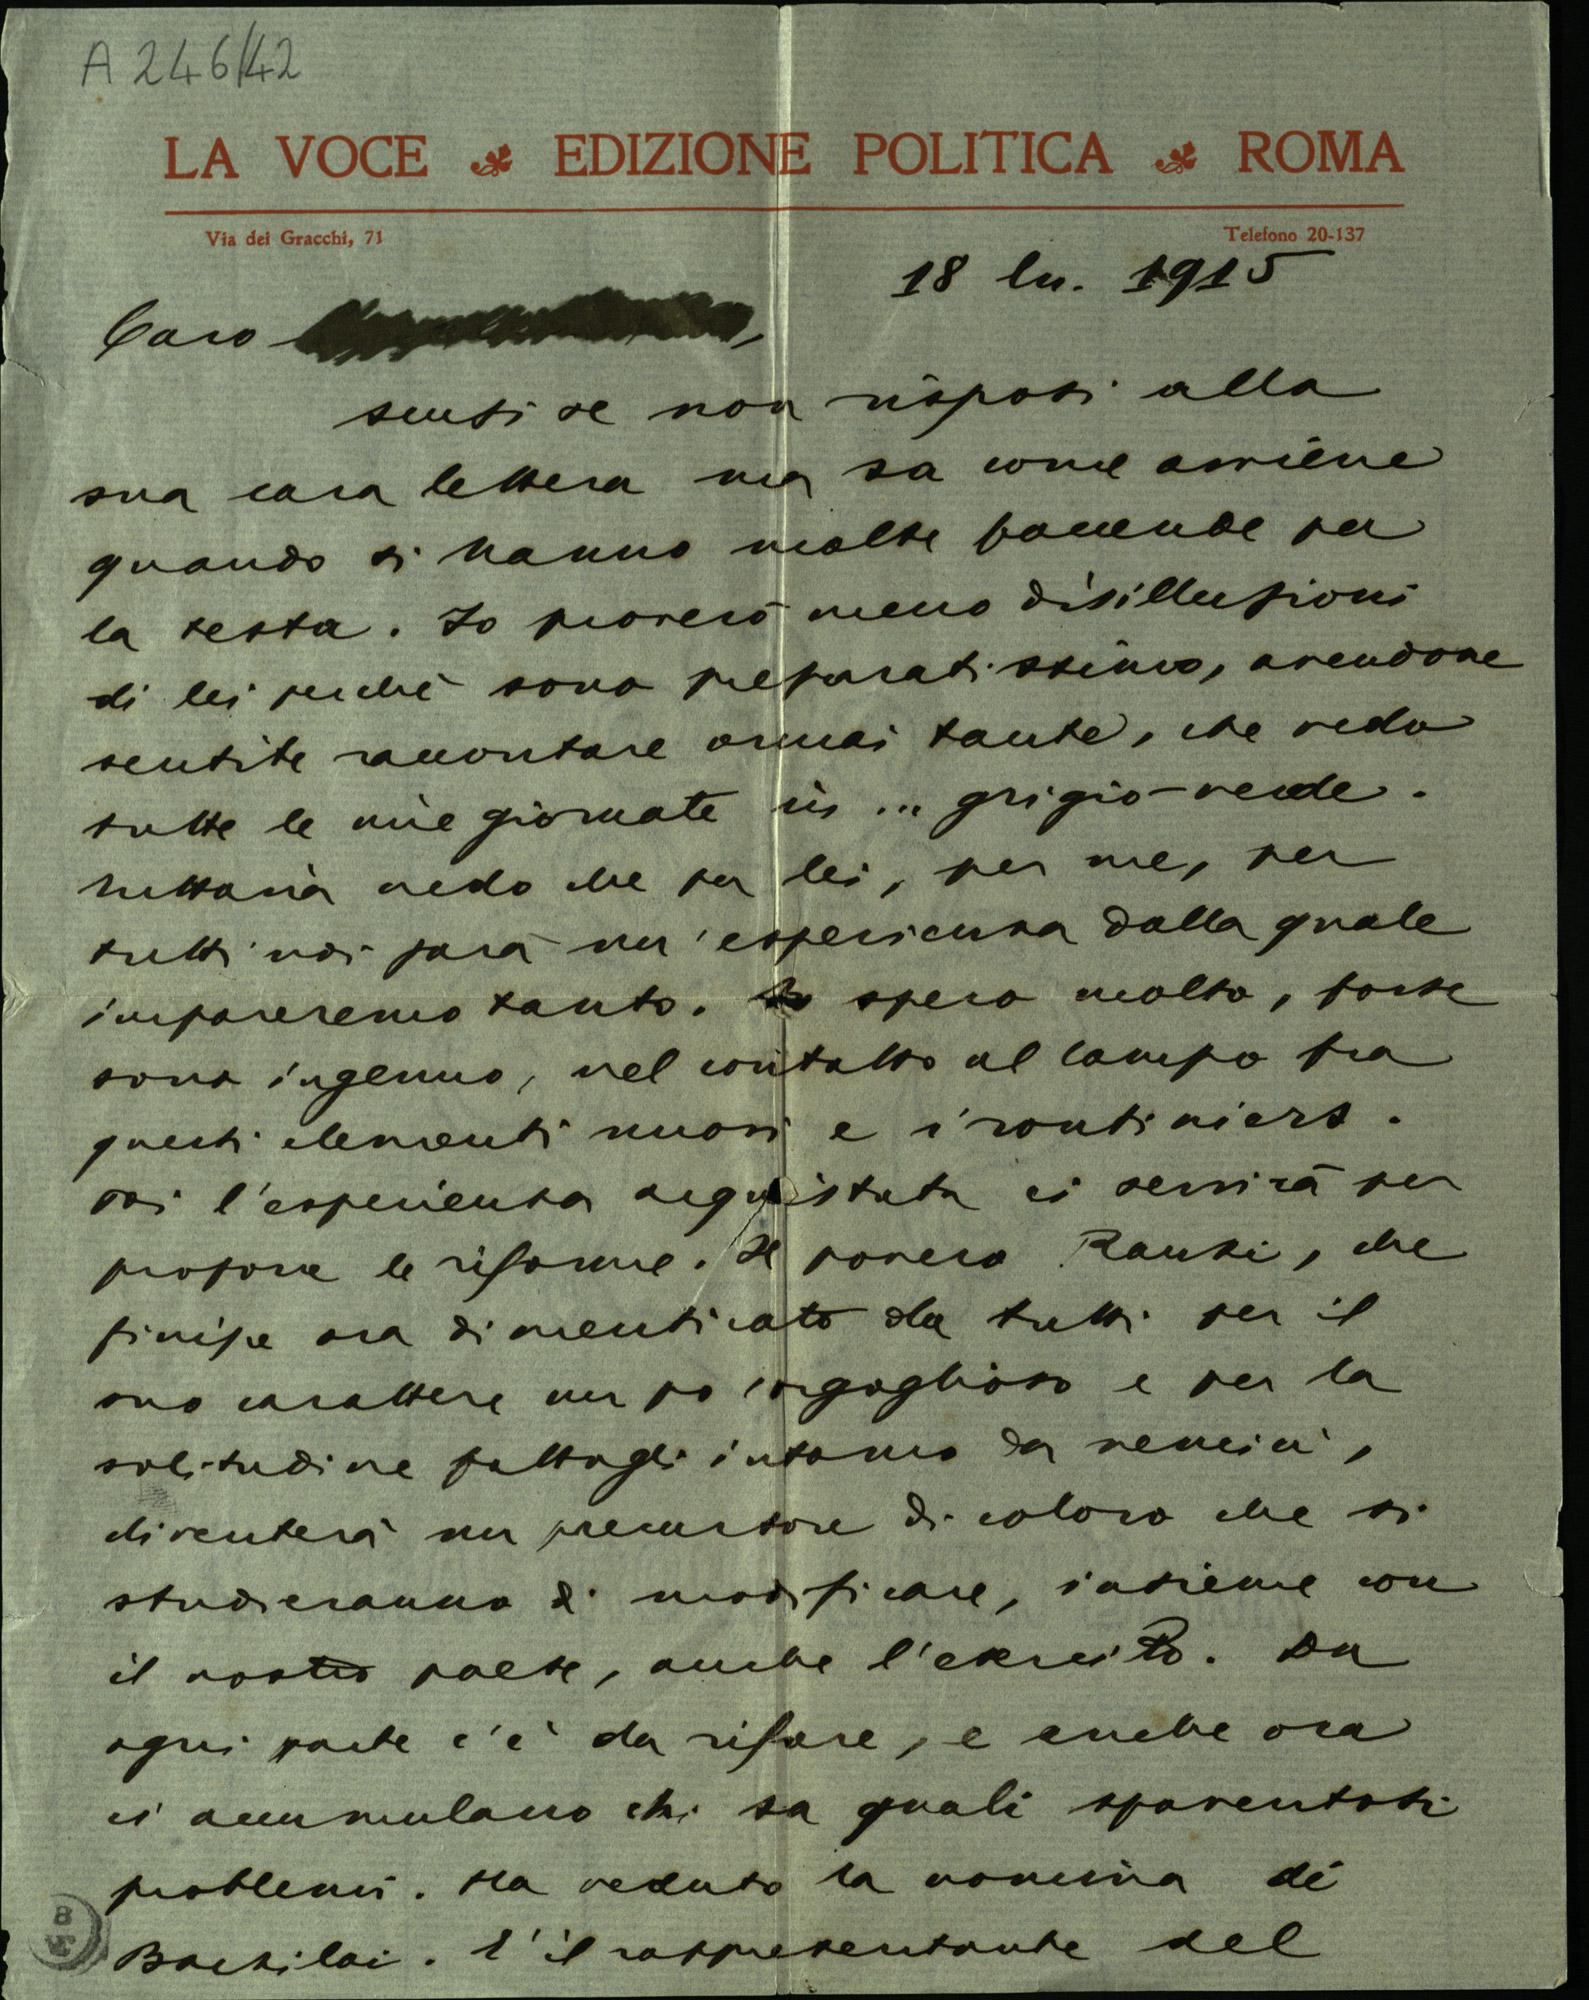 Letter from Giuseppe Prezzolini to Federico Comandini